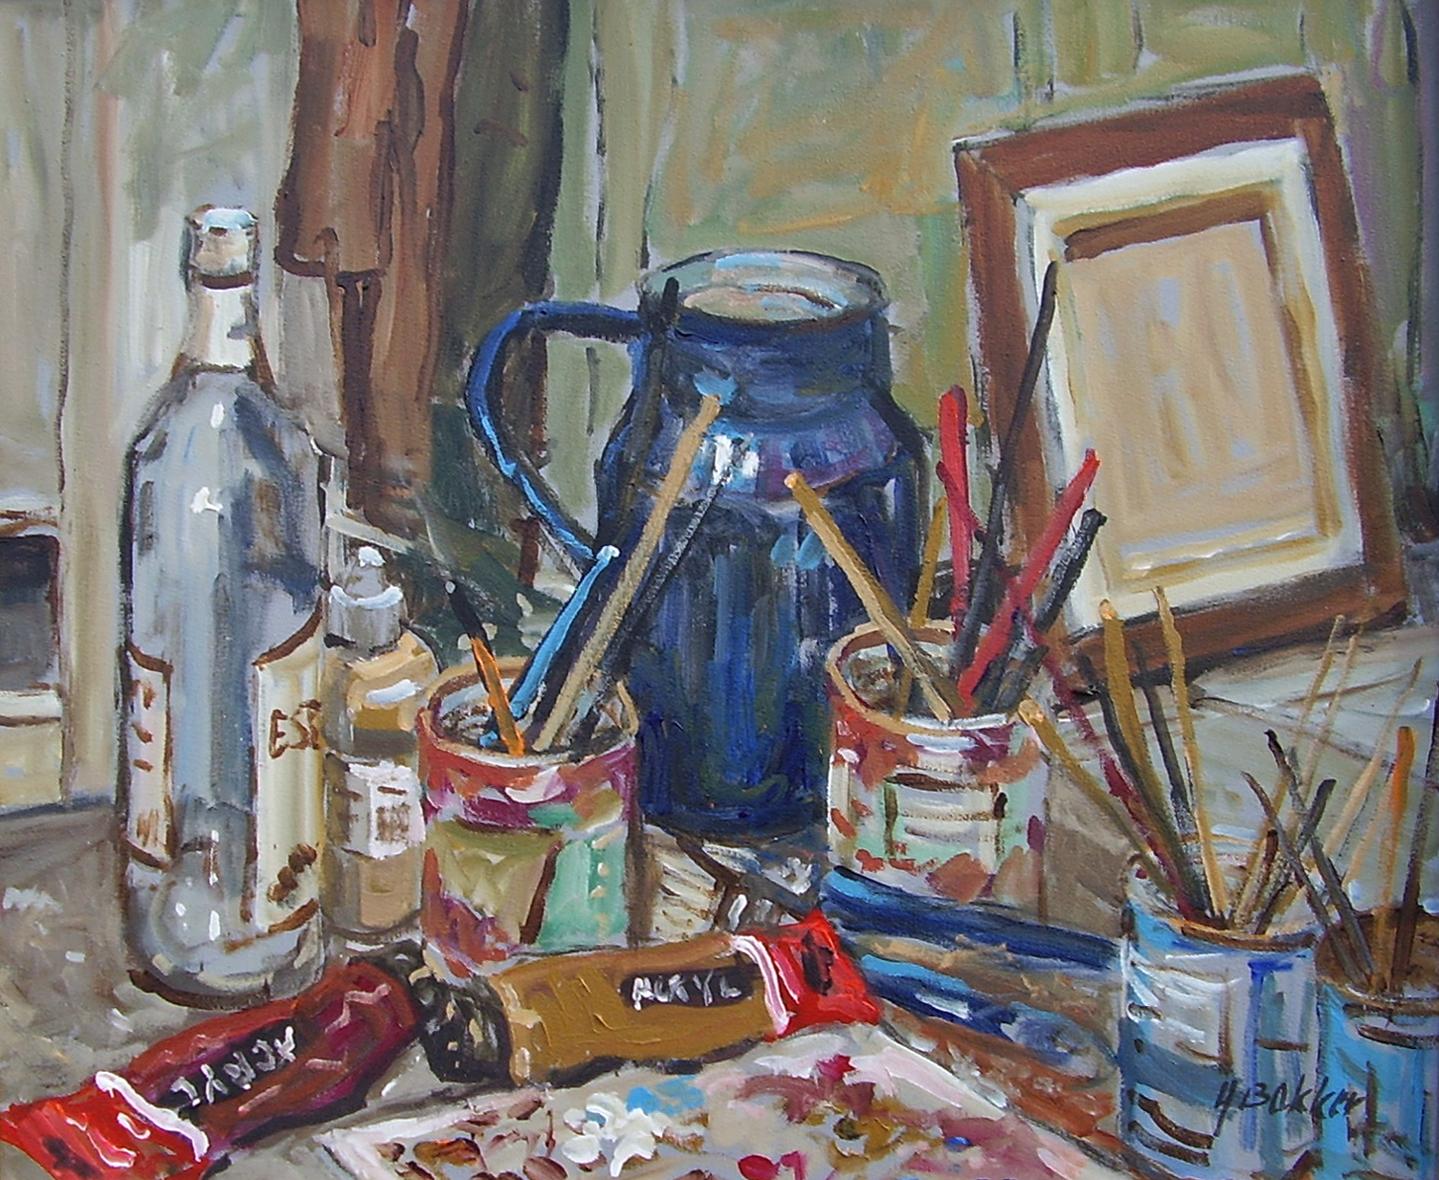 Schilders stilleven - Acryl - 50 x 60 cm